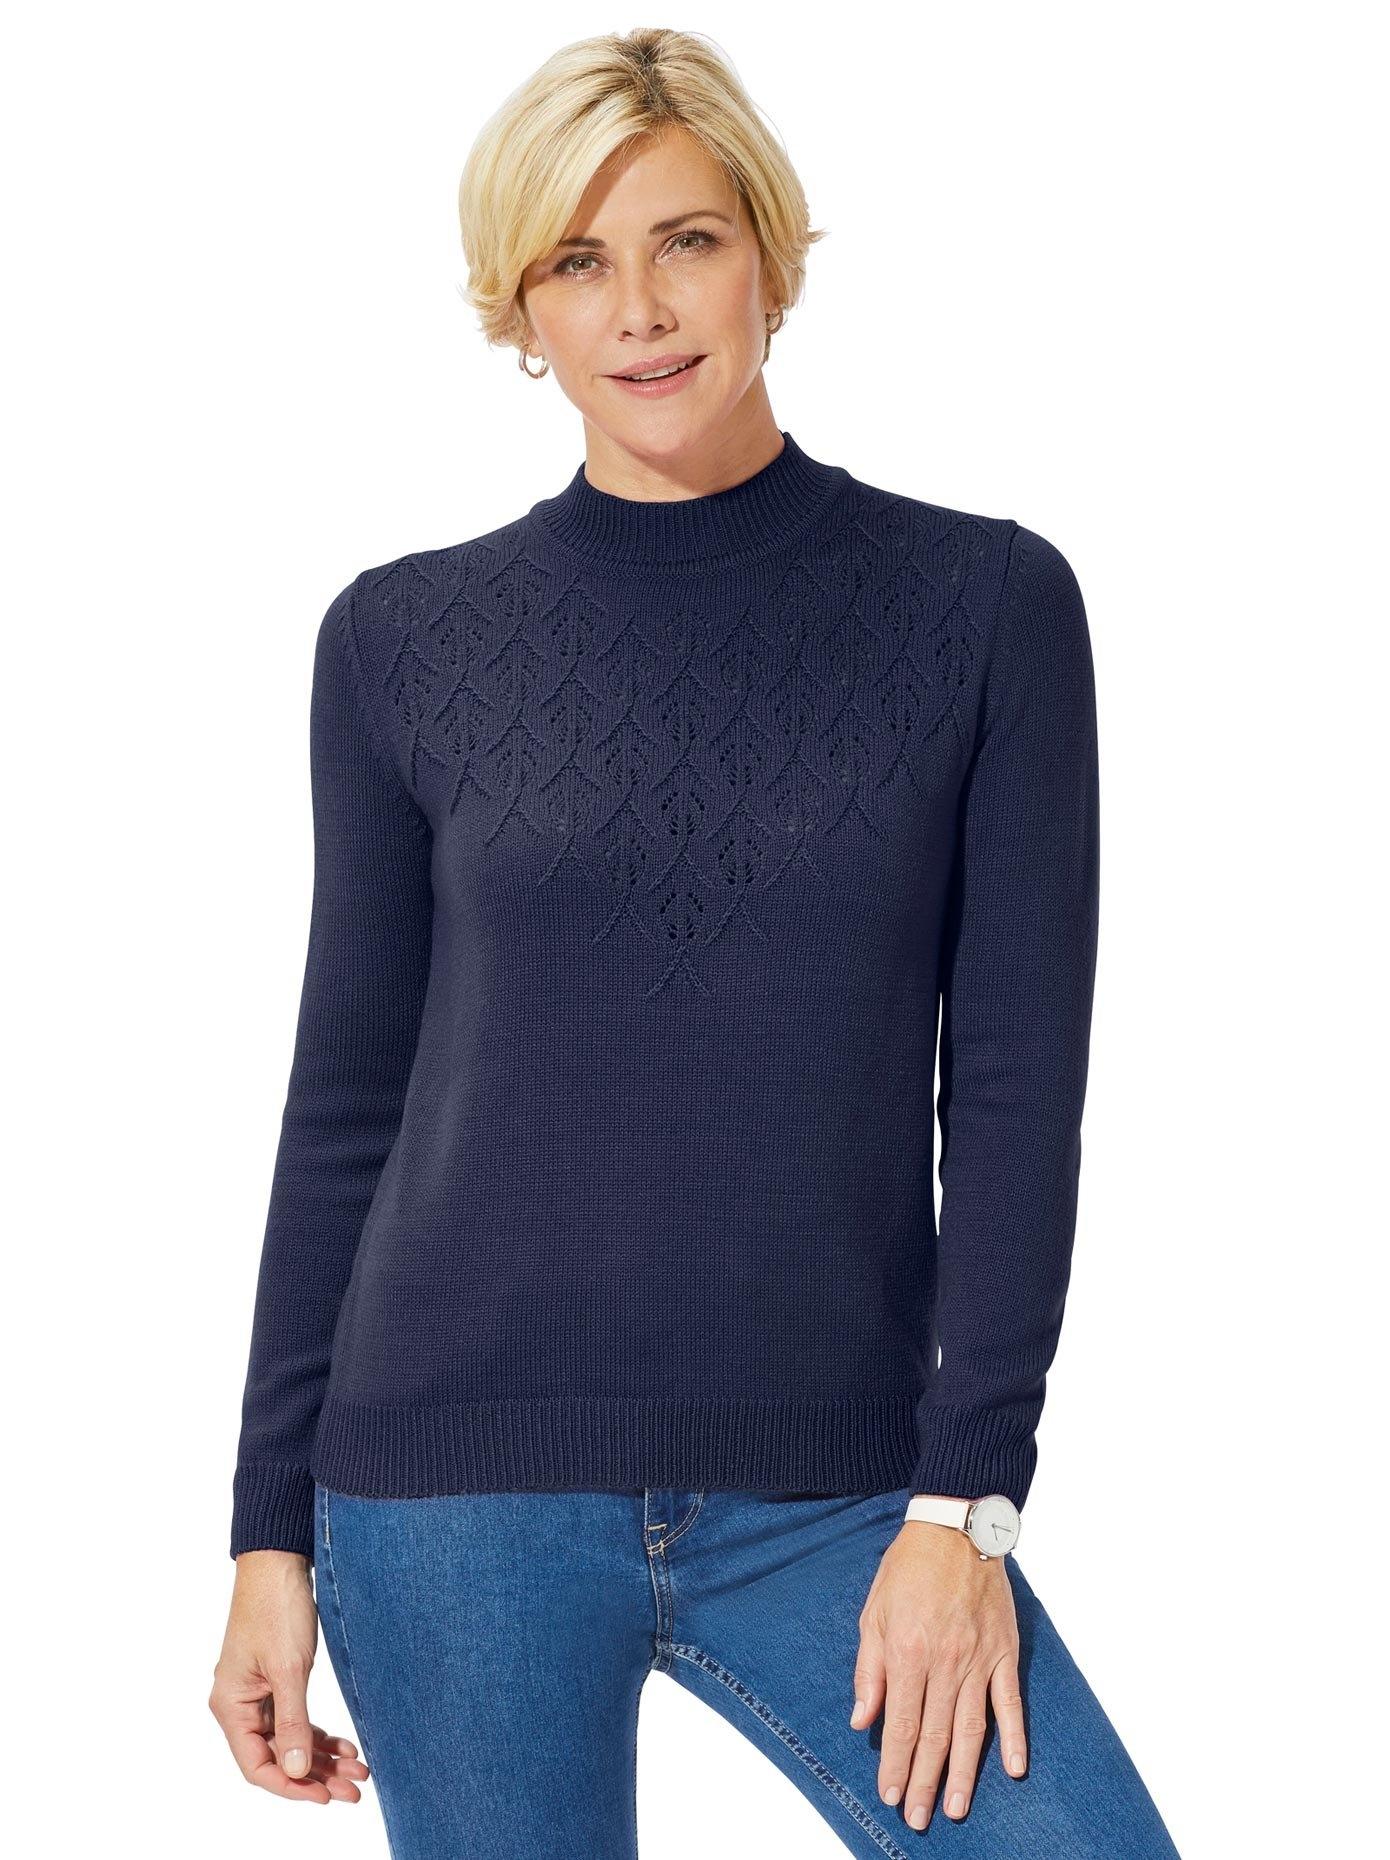 Classic Basics trui met staande kraag - verschillende betaalmethodes